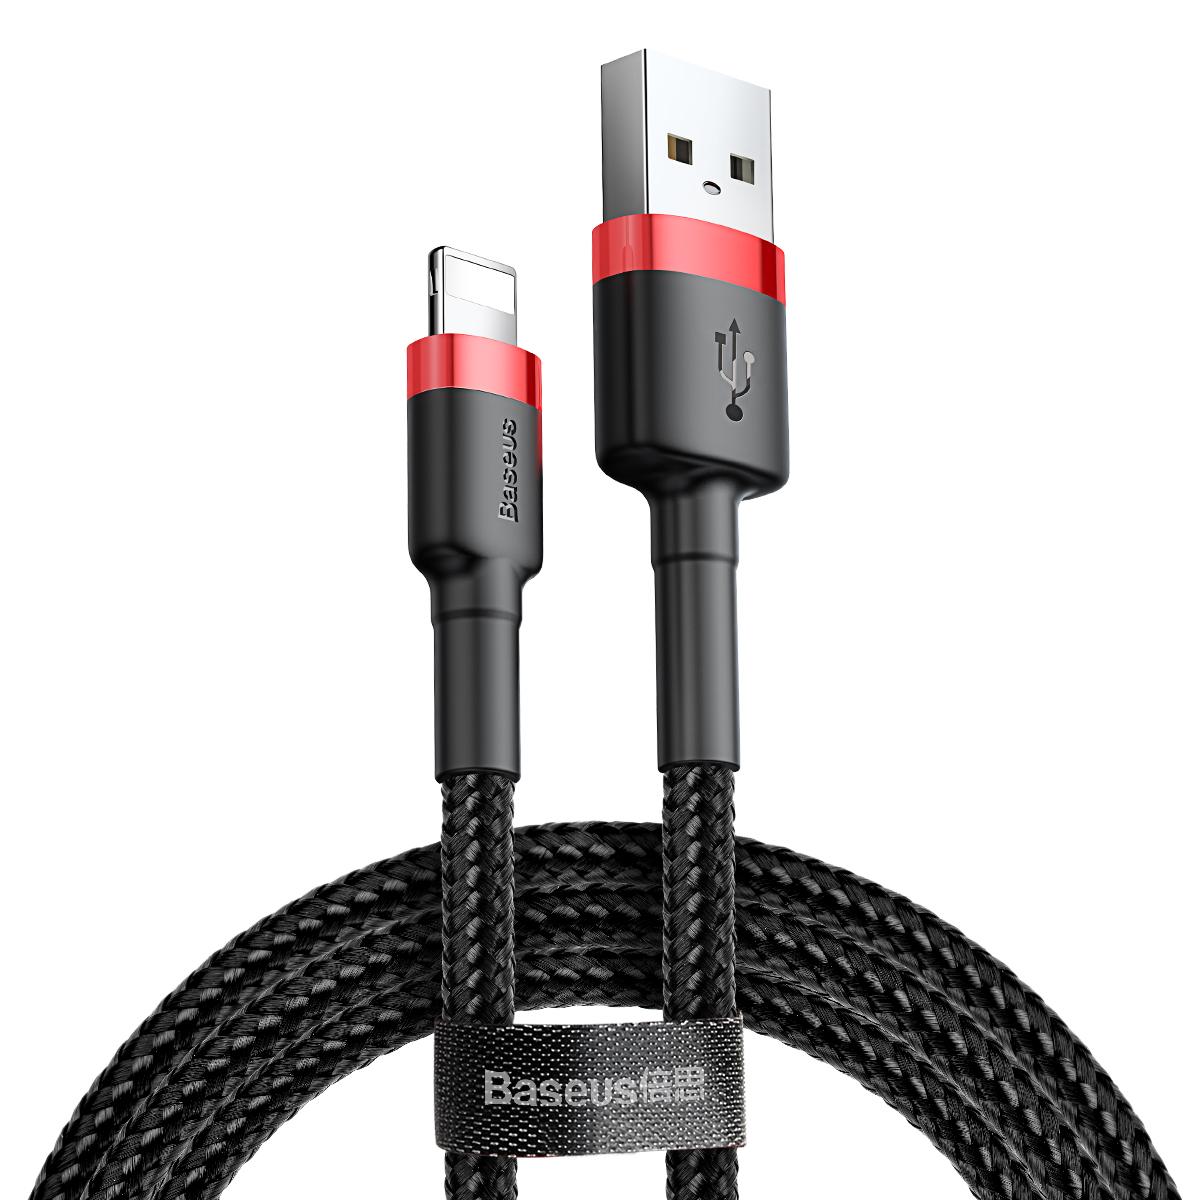 کابل تبدیل USB به لایتنینگ باسئوس مدل CALKLF-C19 Cafule طول 2 متر              ( قیمت و خرید)